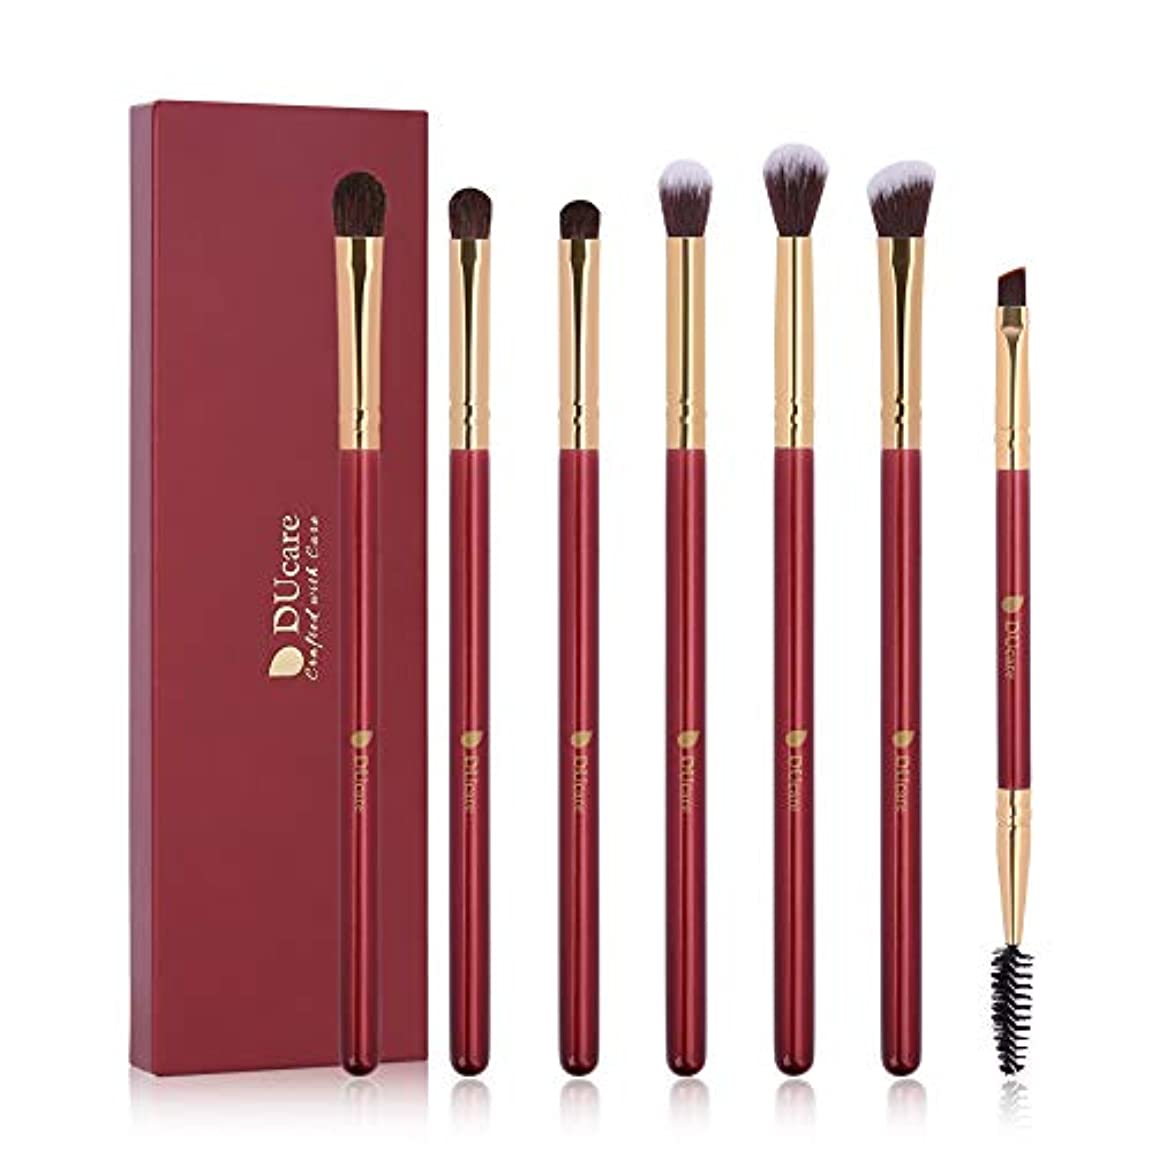 DUcare ドゥケア 化粧筆 プチプラアイシャドウブラシ 7本セット 高級天然毛を使用肌当たりも仕上がりも極上を実感